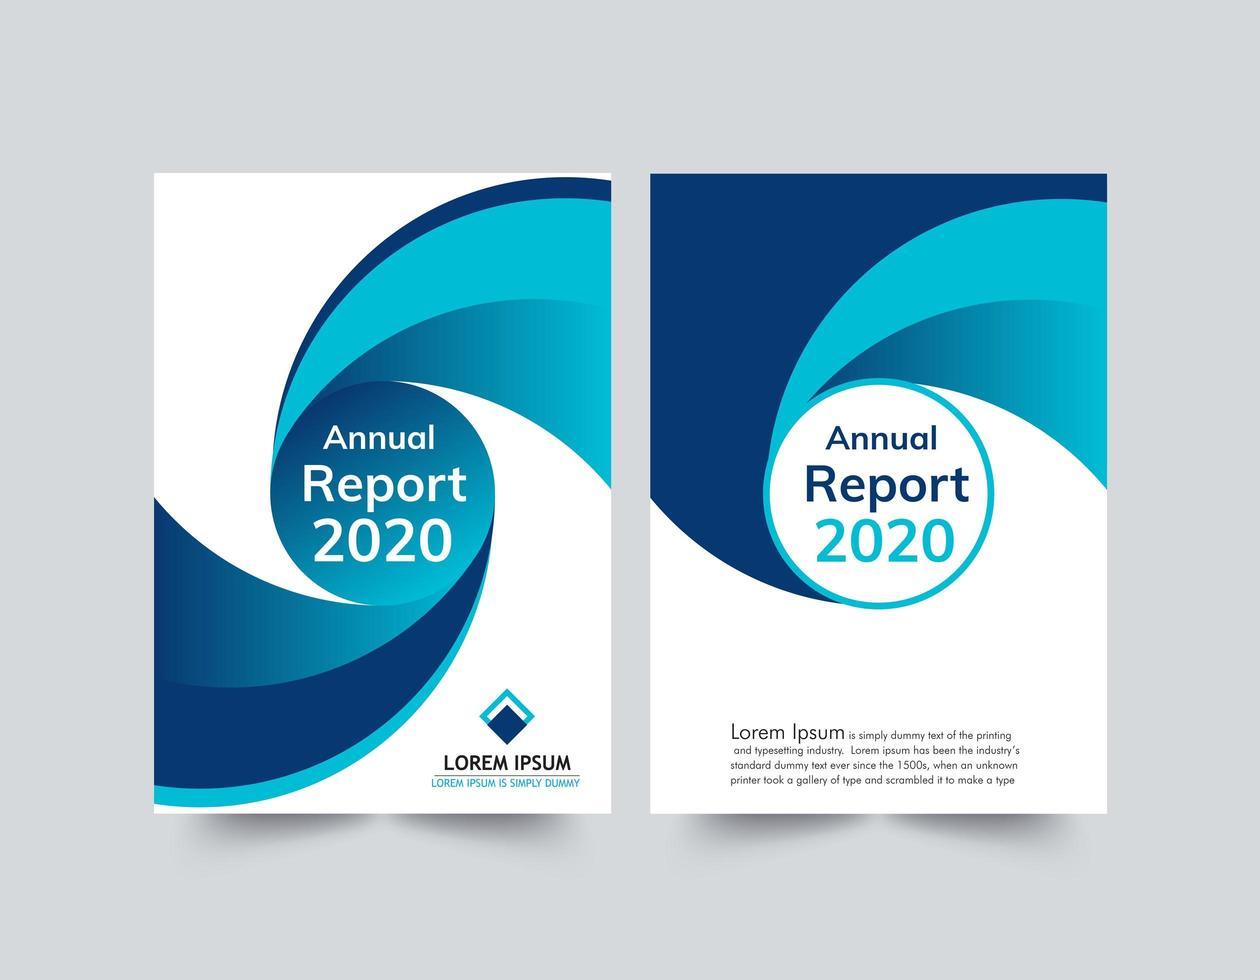 modelo de onda azul e branco de relatório anual vetor